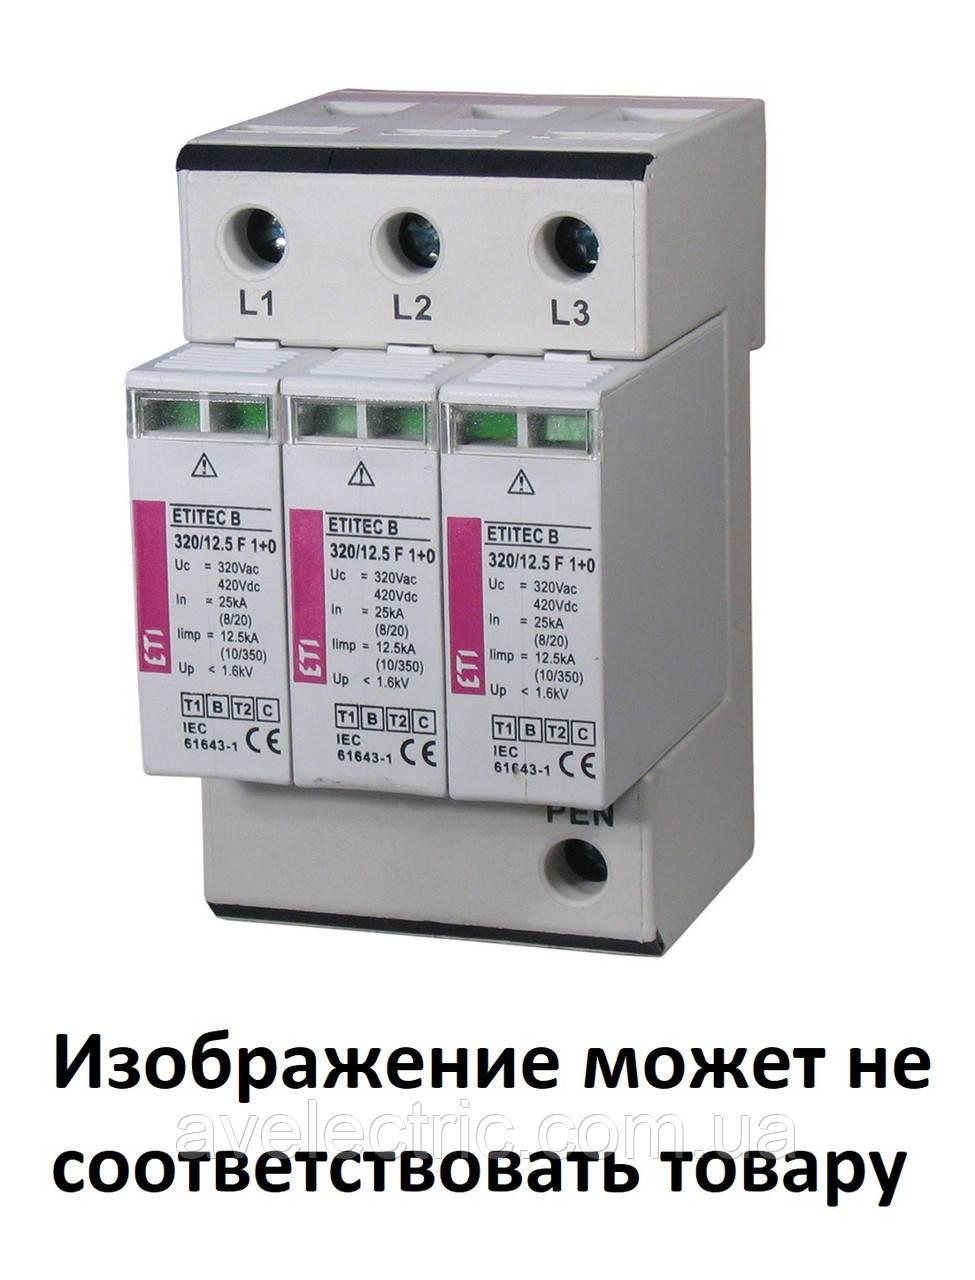 Ограничитель перенапряжения ETITEC S B 440/25 (4+0, 8p, TNC-S)